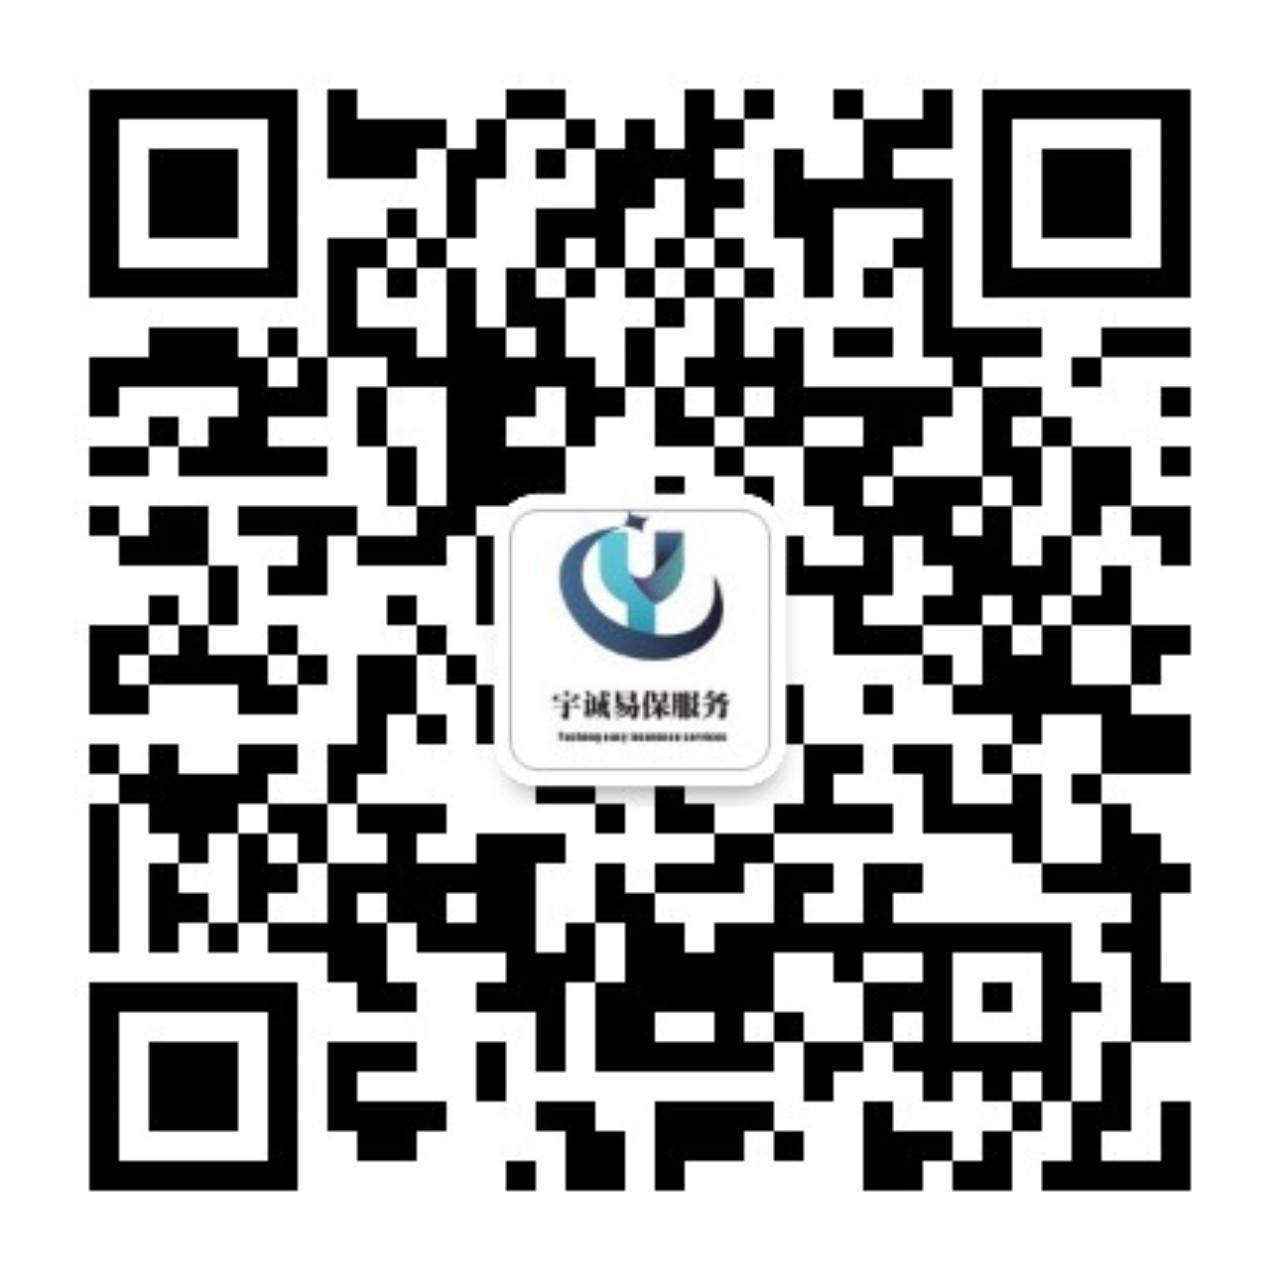 【网络兼职小任务】微商城积分会员卡领取-青团社